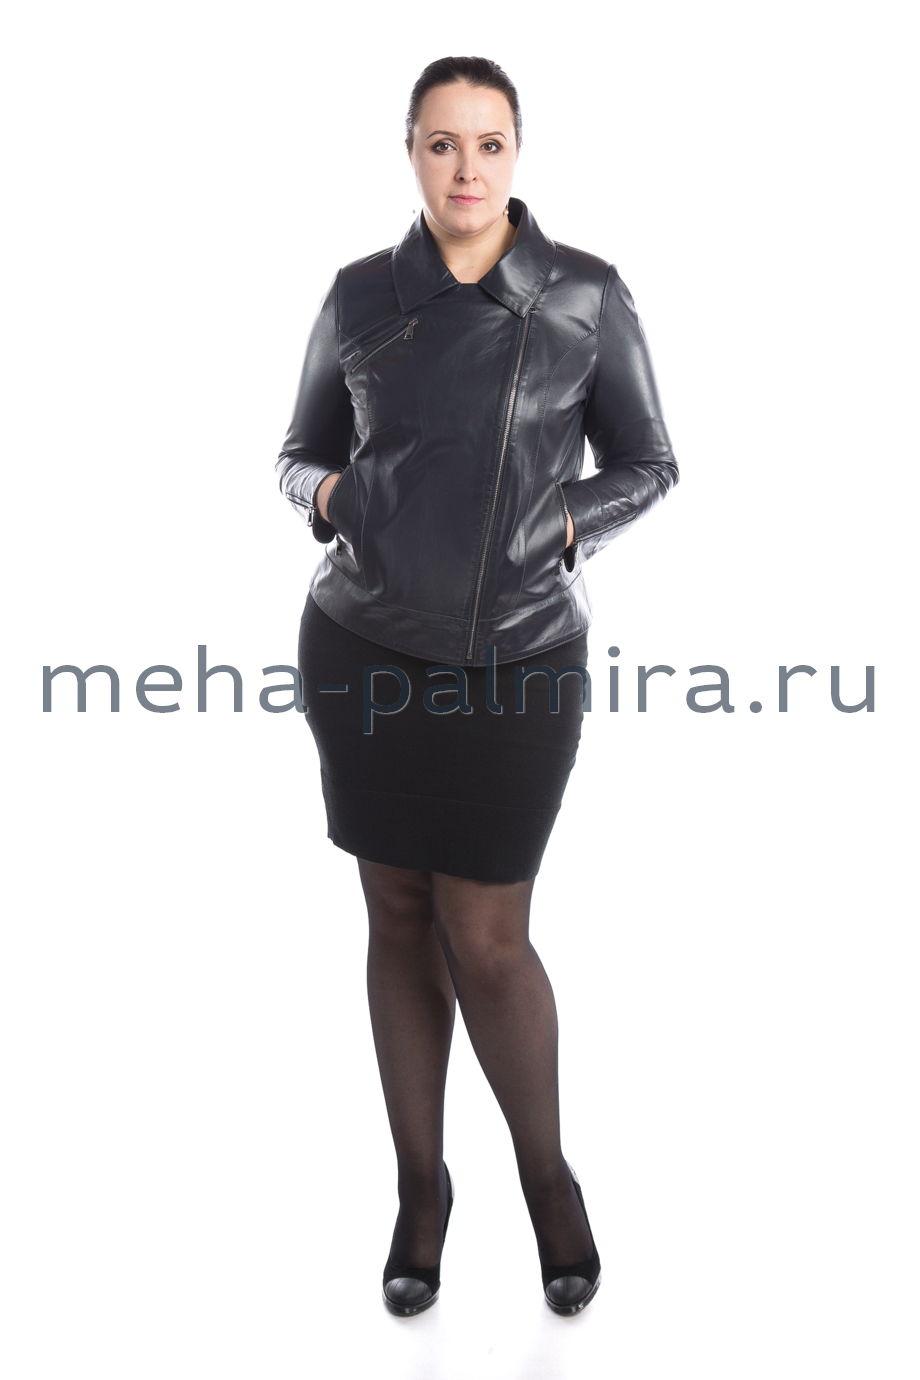 Современная кожаная куртка на молнии, большие размеры